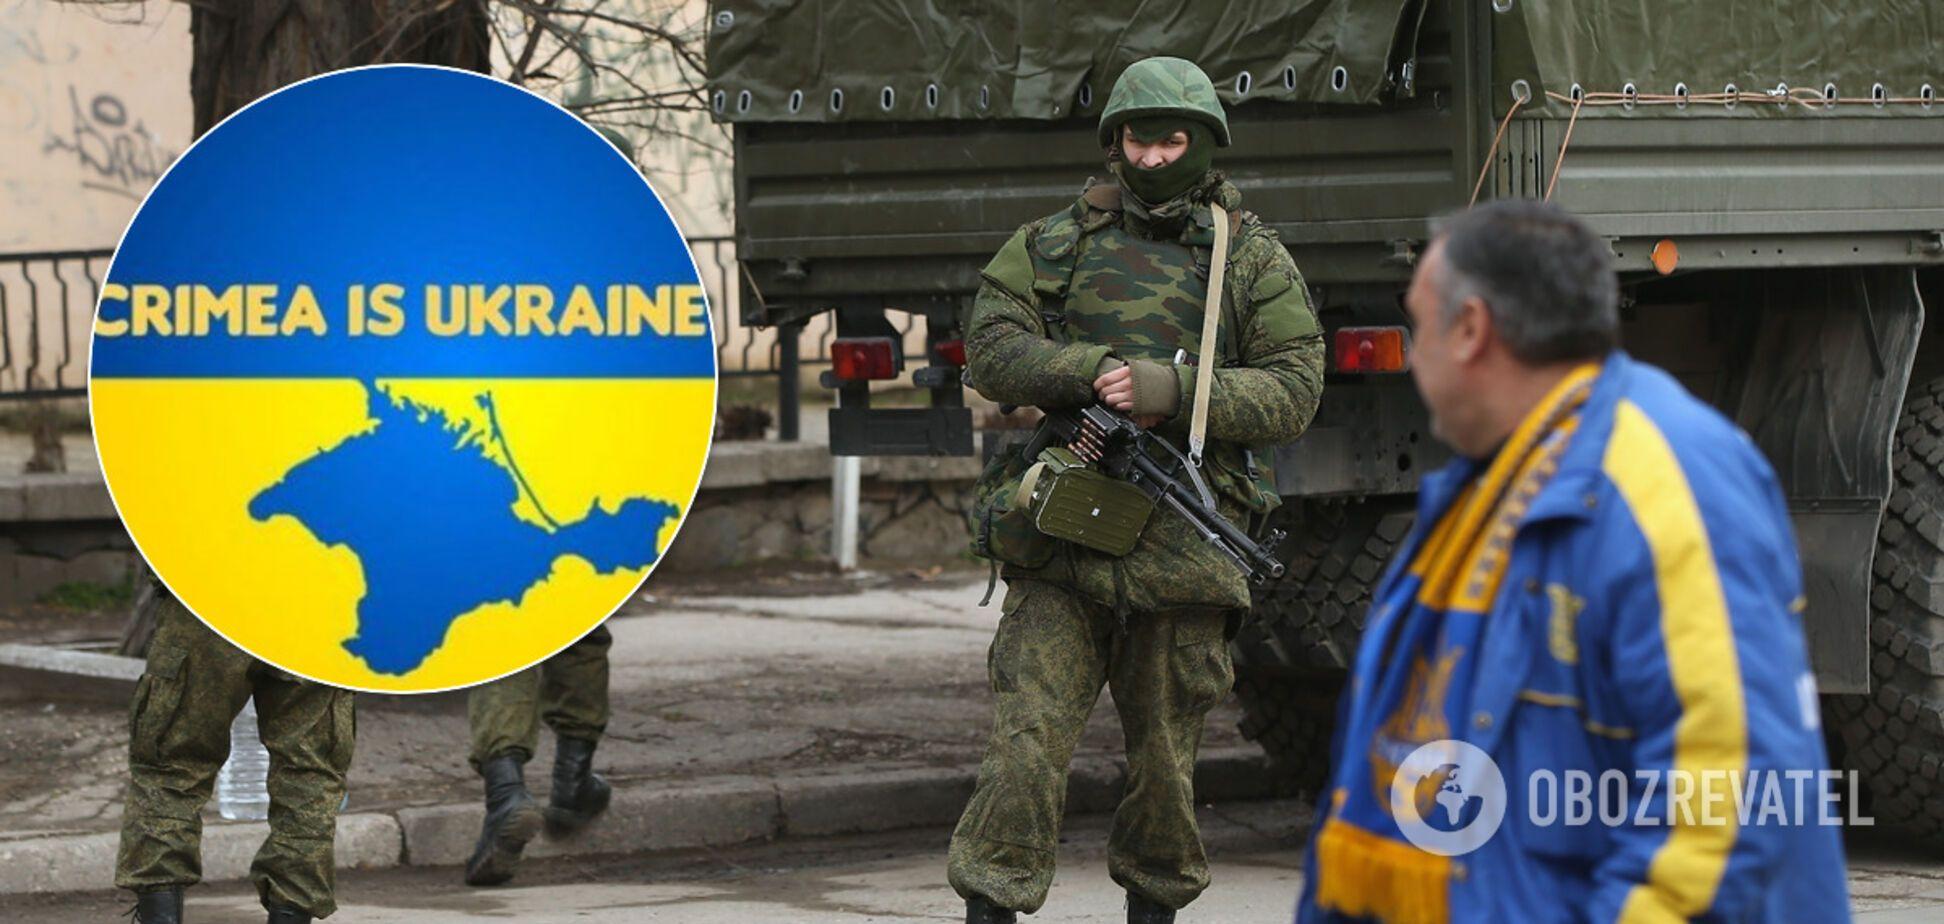 Украина готовит новые переговоры по Крыму: в чем суть и реально ли вернуть полуостров